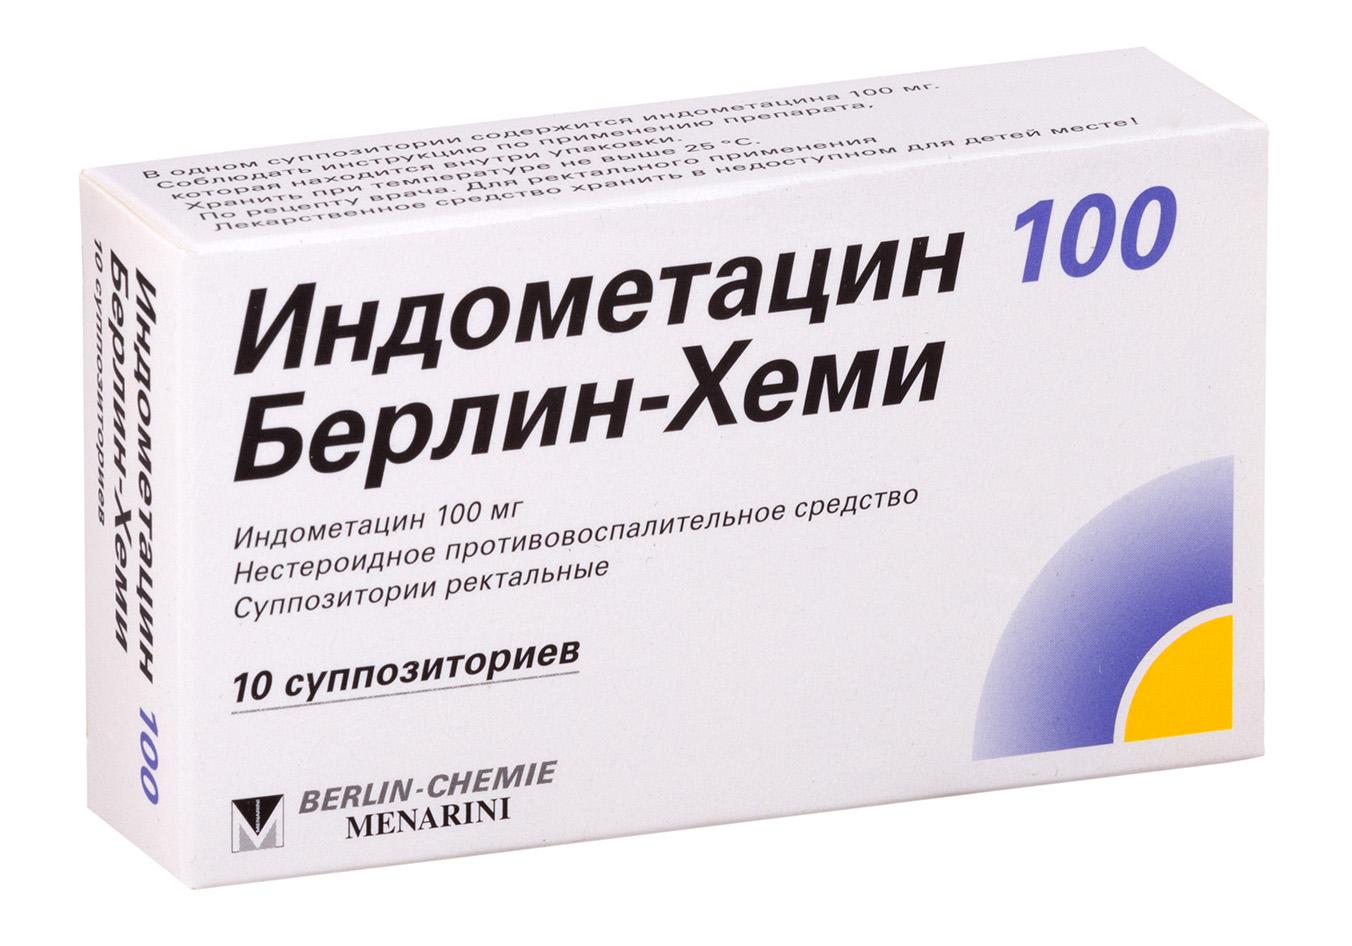 Индометацин 100 берлин-хеми супп. рект. n10